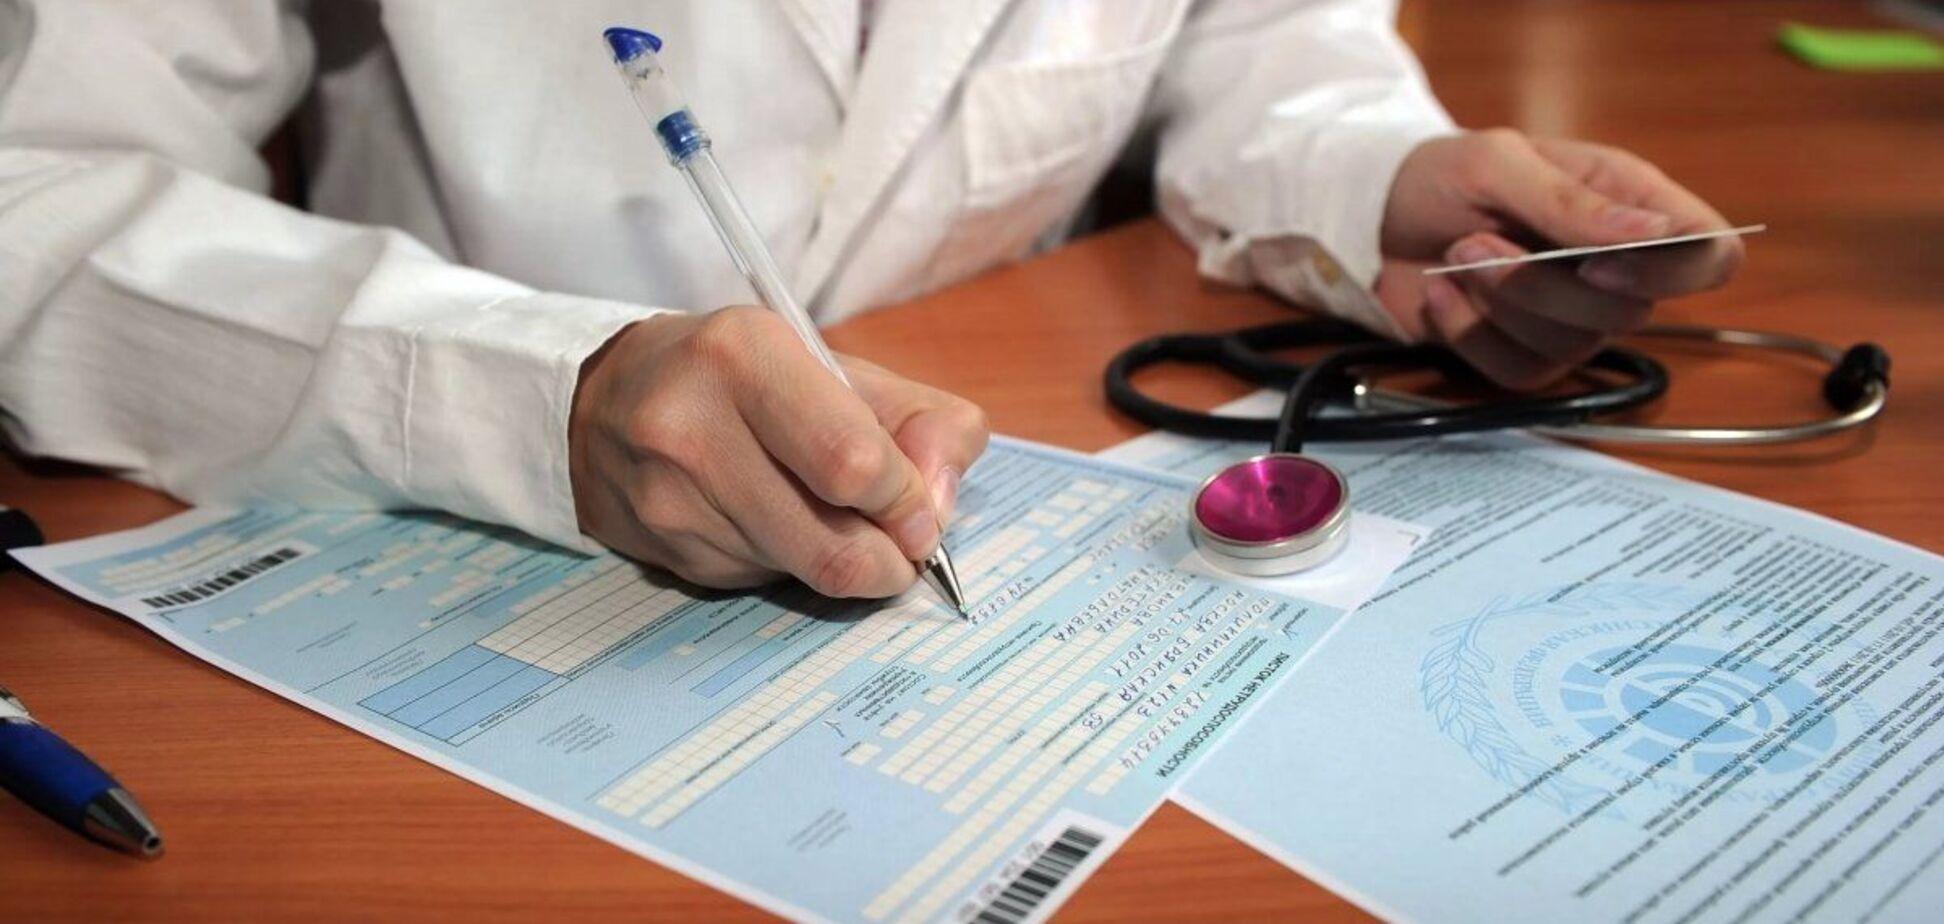 Как получить больничные выплаты в Украине: пошаговая инструкция